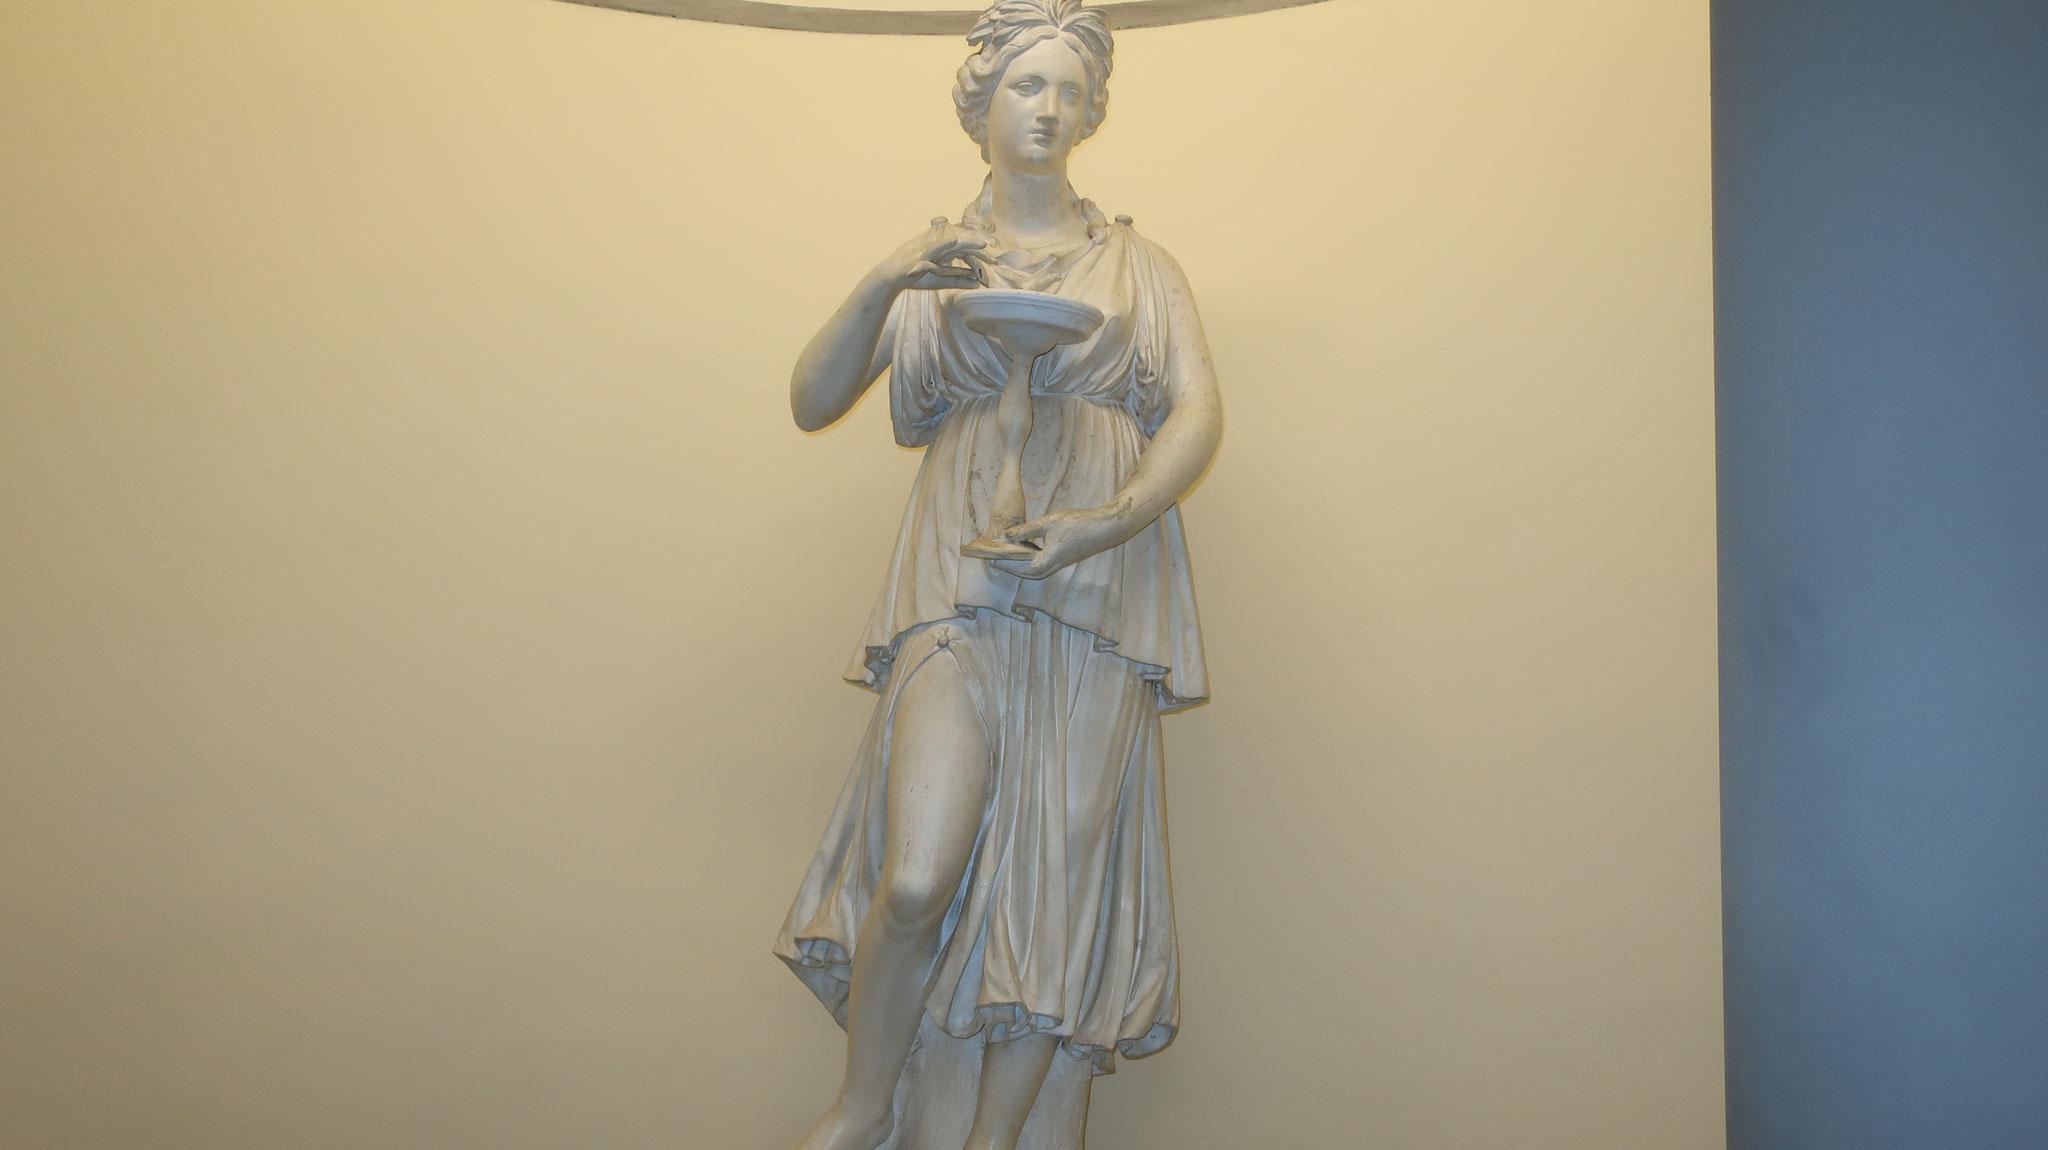 健康・衛生の女神ヒュギエイア。 医神アスクレピオスの娘でアスクレピオスの蛇に餌をやるための器を持っています。